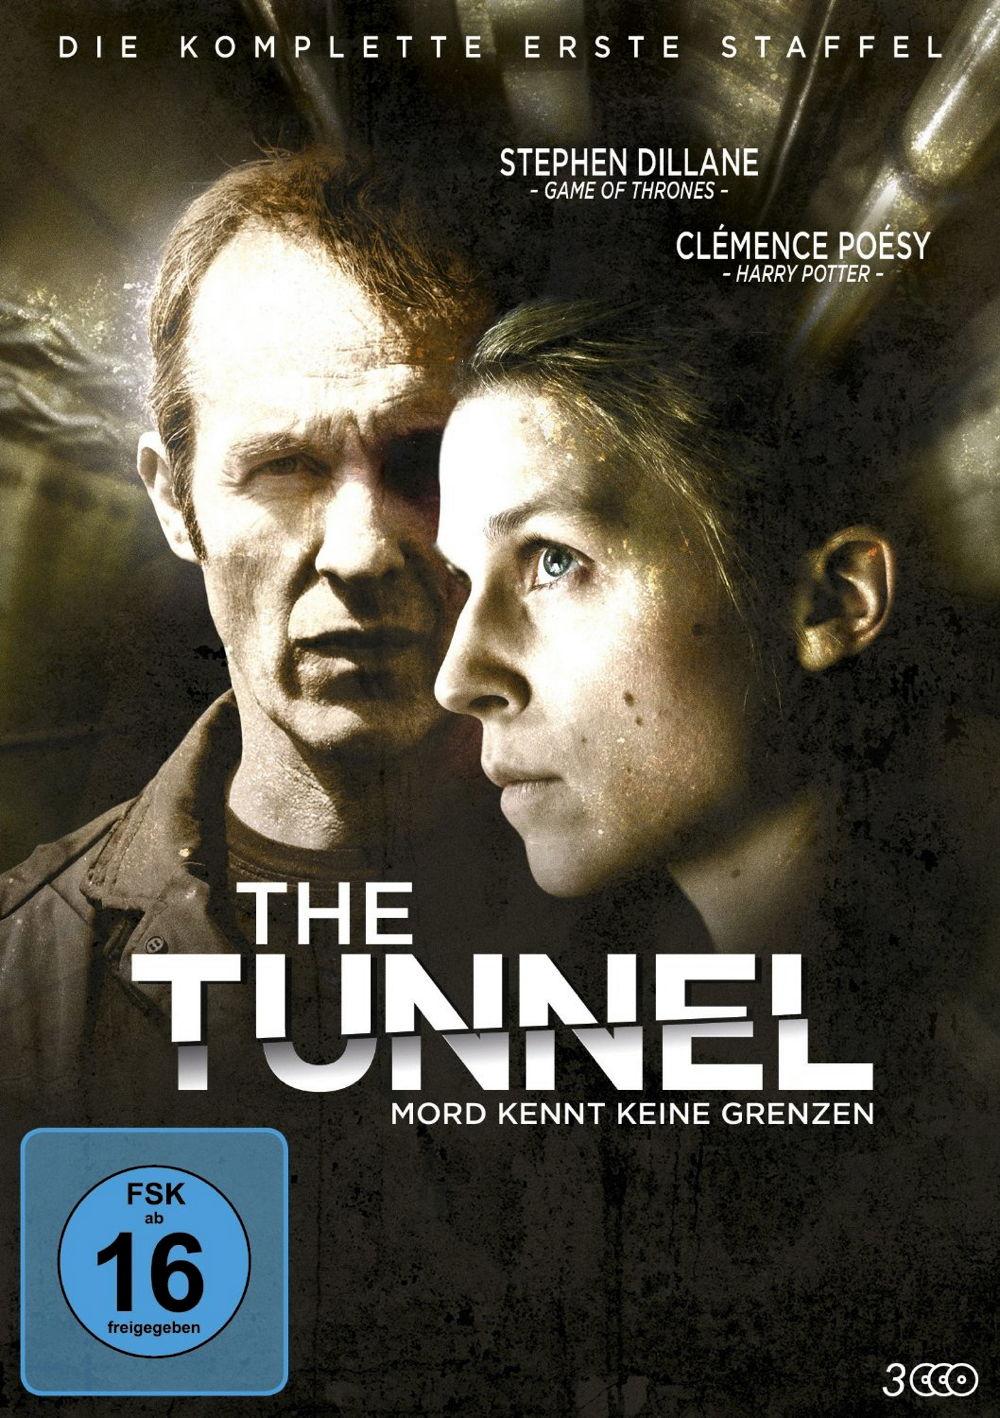 The Tunnel Mord Kennt Keine Grenzen